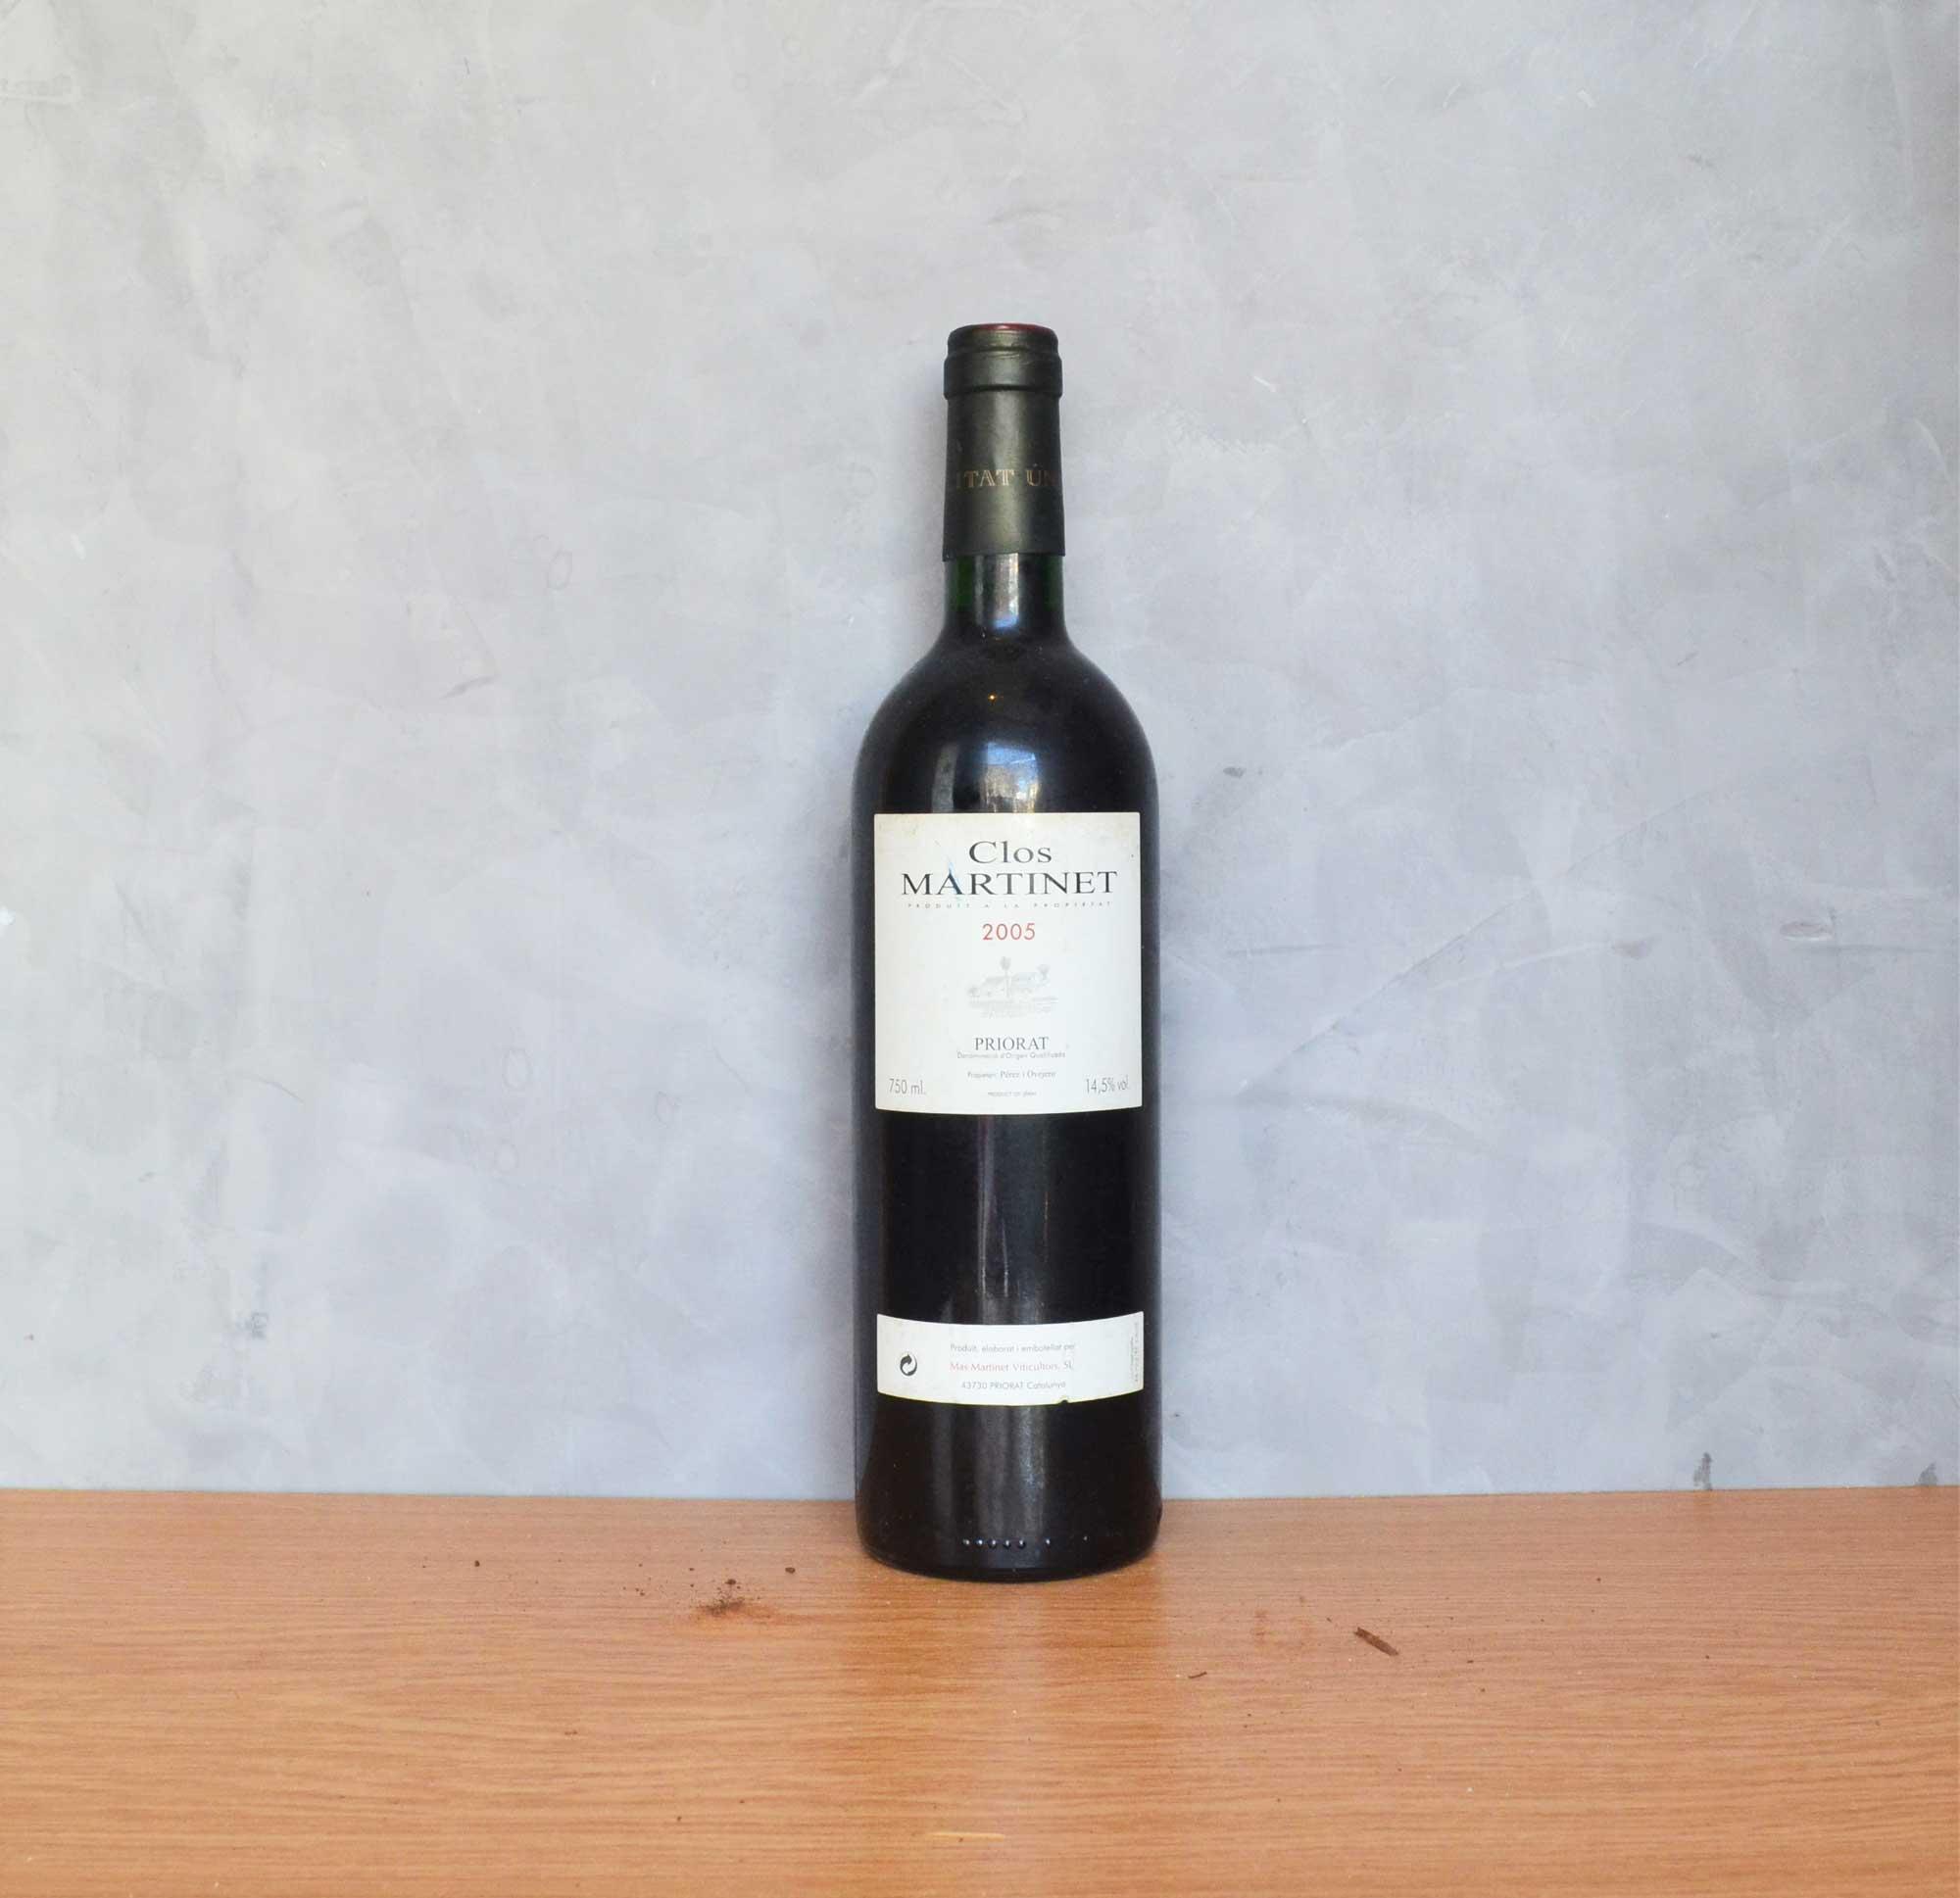 clos martinet 2005